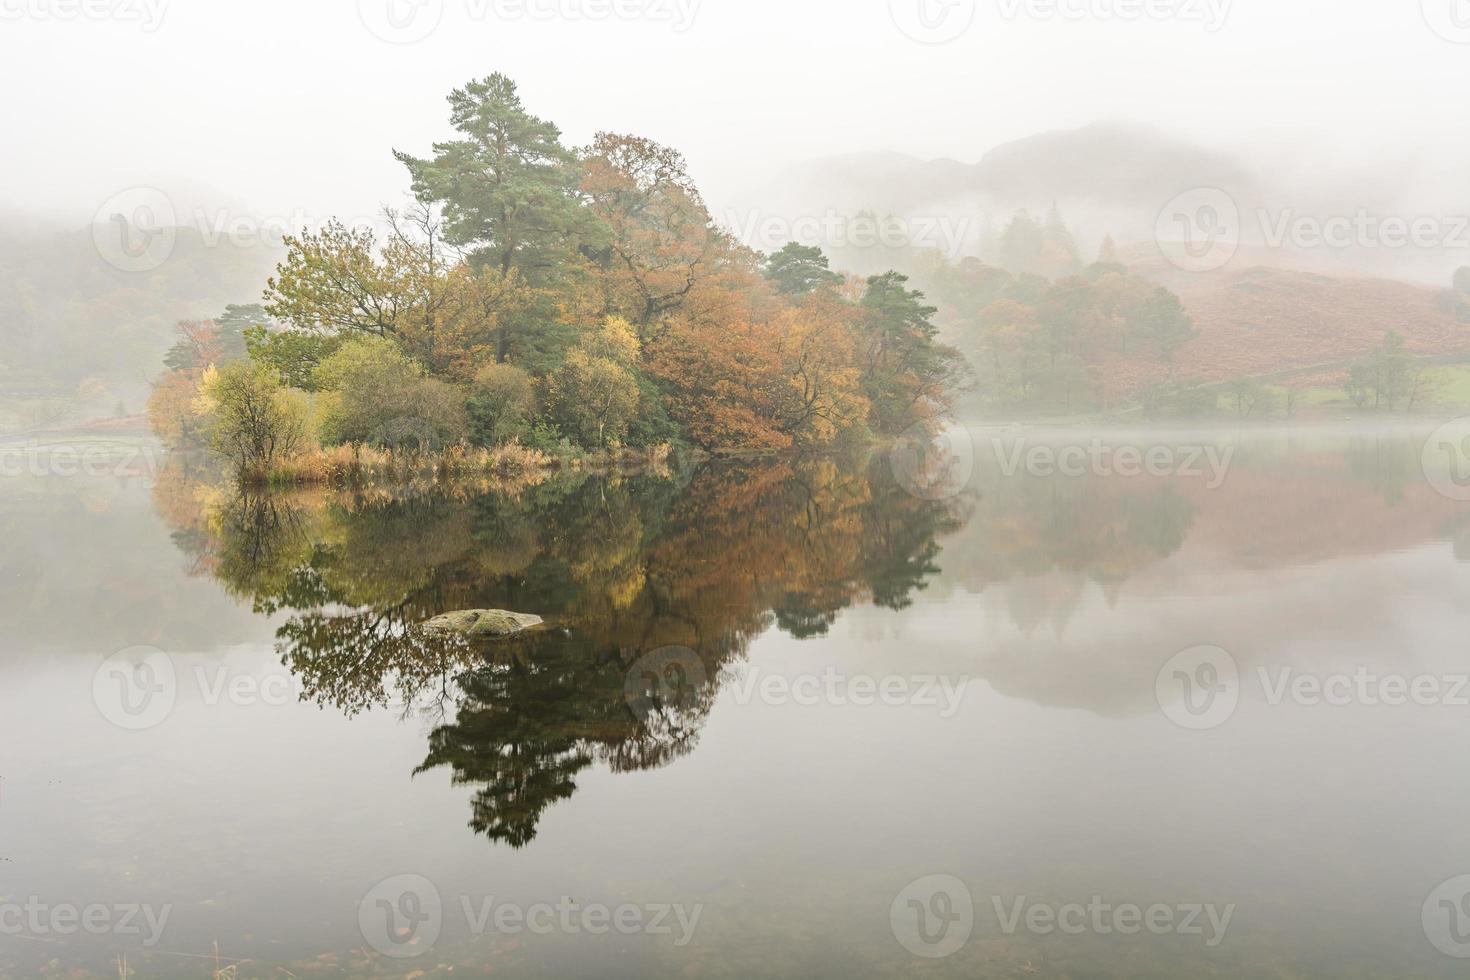 mooie reflecties op rydal water op een mistige ochtend in de herfst. foto